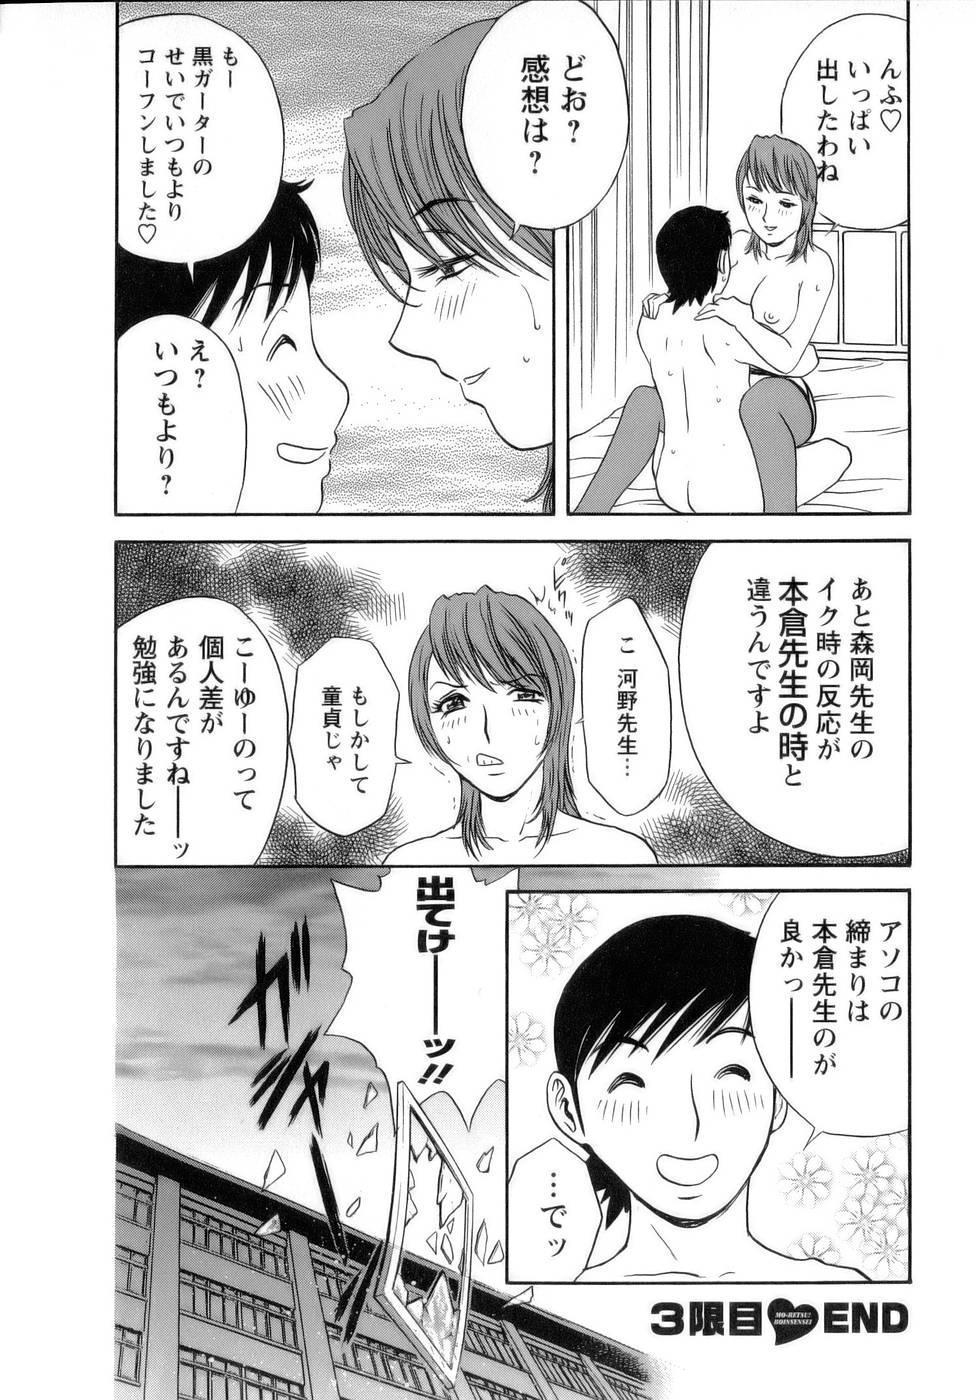 [Hidemaru] Mo-Retsu! Boin Sensei (Boing Boing Teacher) Vol.1 71